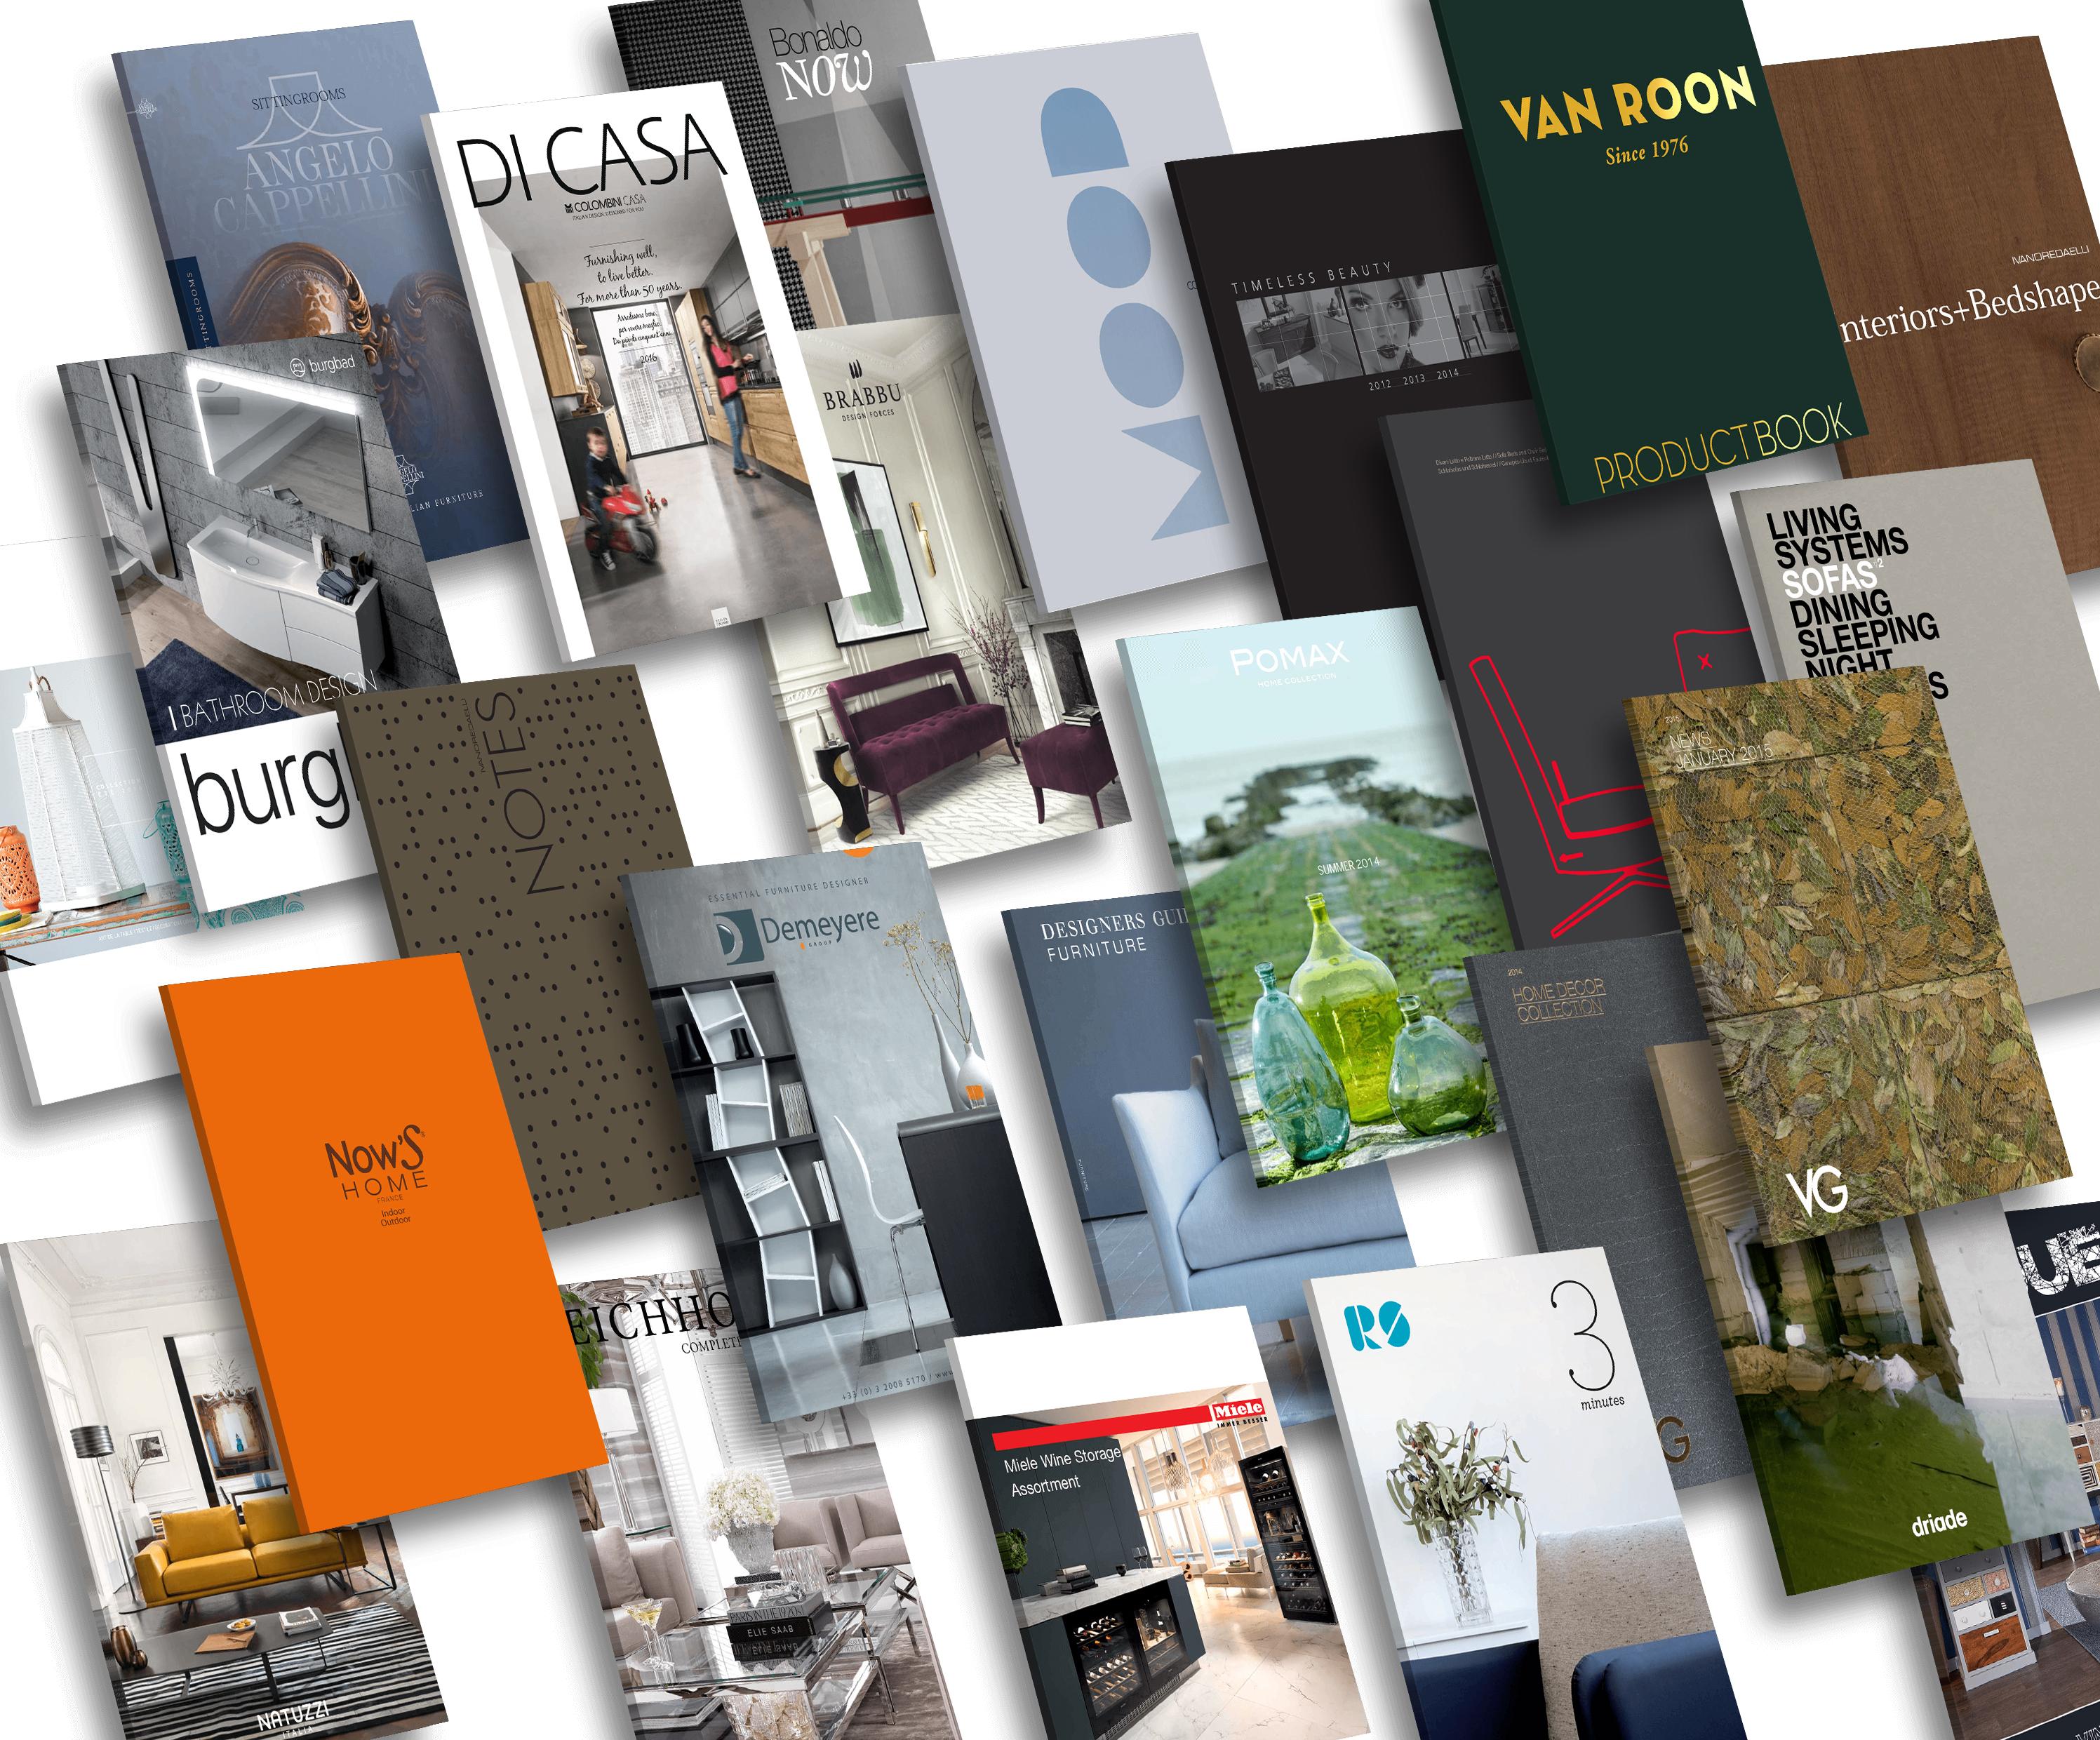 classin-cea-mai-mare-biblioteca-de-design-interior-3